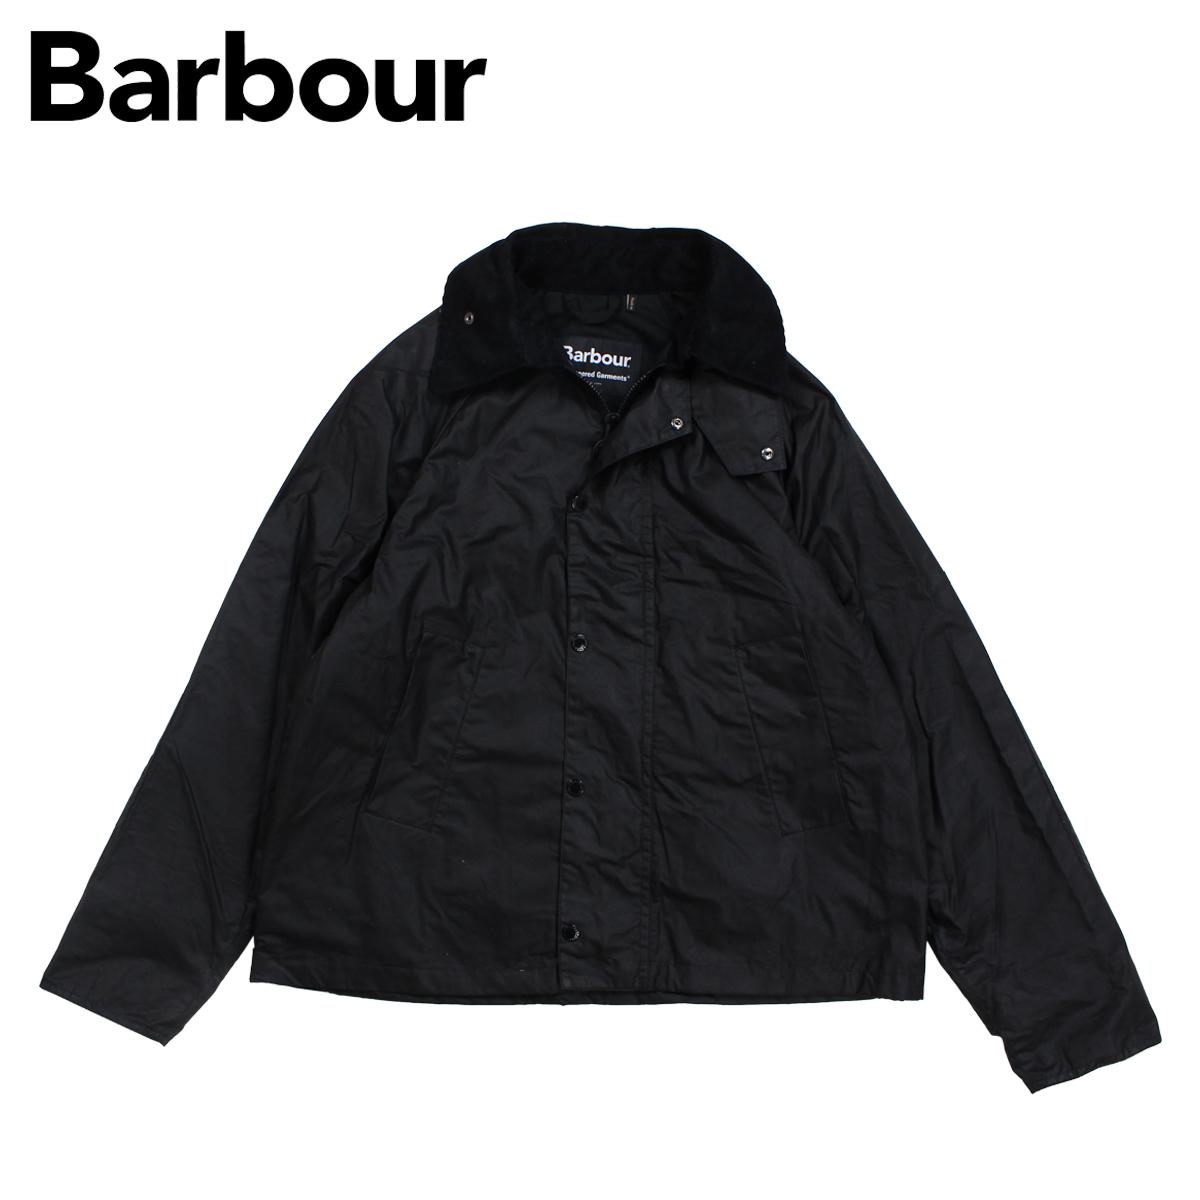 Barbour バブアー ジャケット ワックス メンズ グラハム ワックスジャケット GRAHAM WAX JACKET ブラック MWX1436